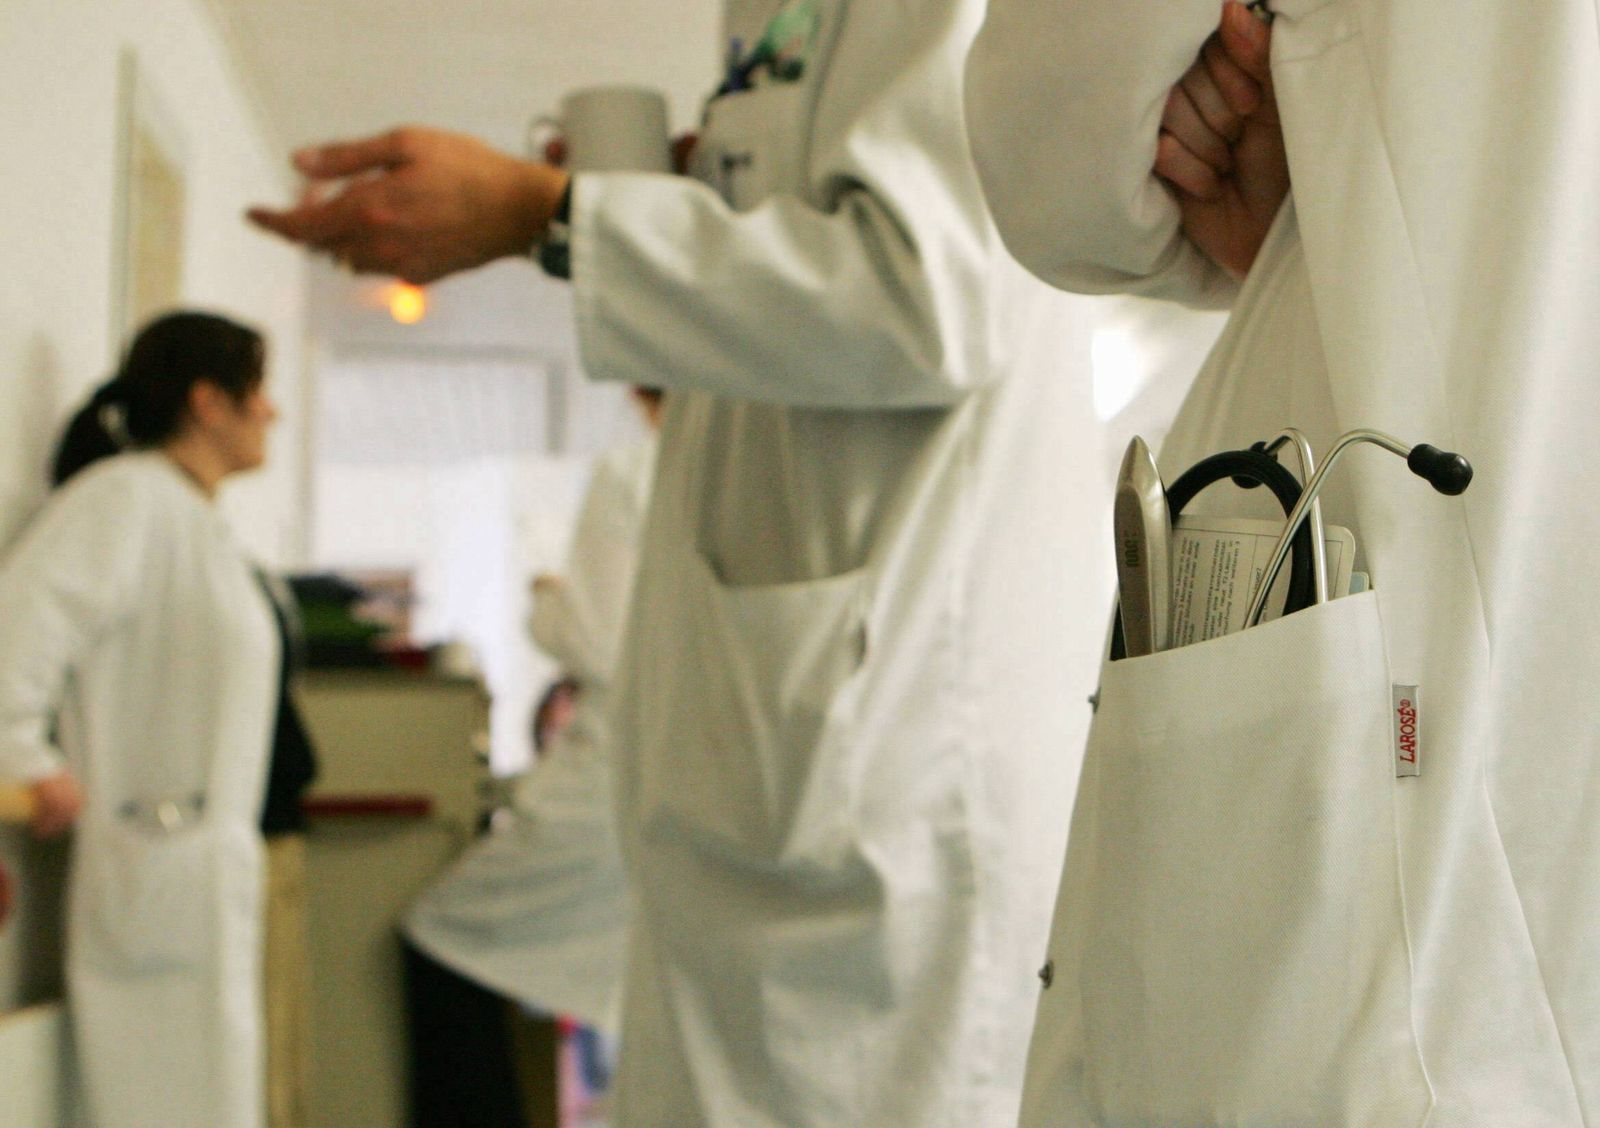 NICHT VERWENDEN Krankenhaus/Arzt